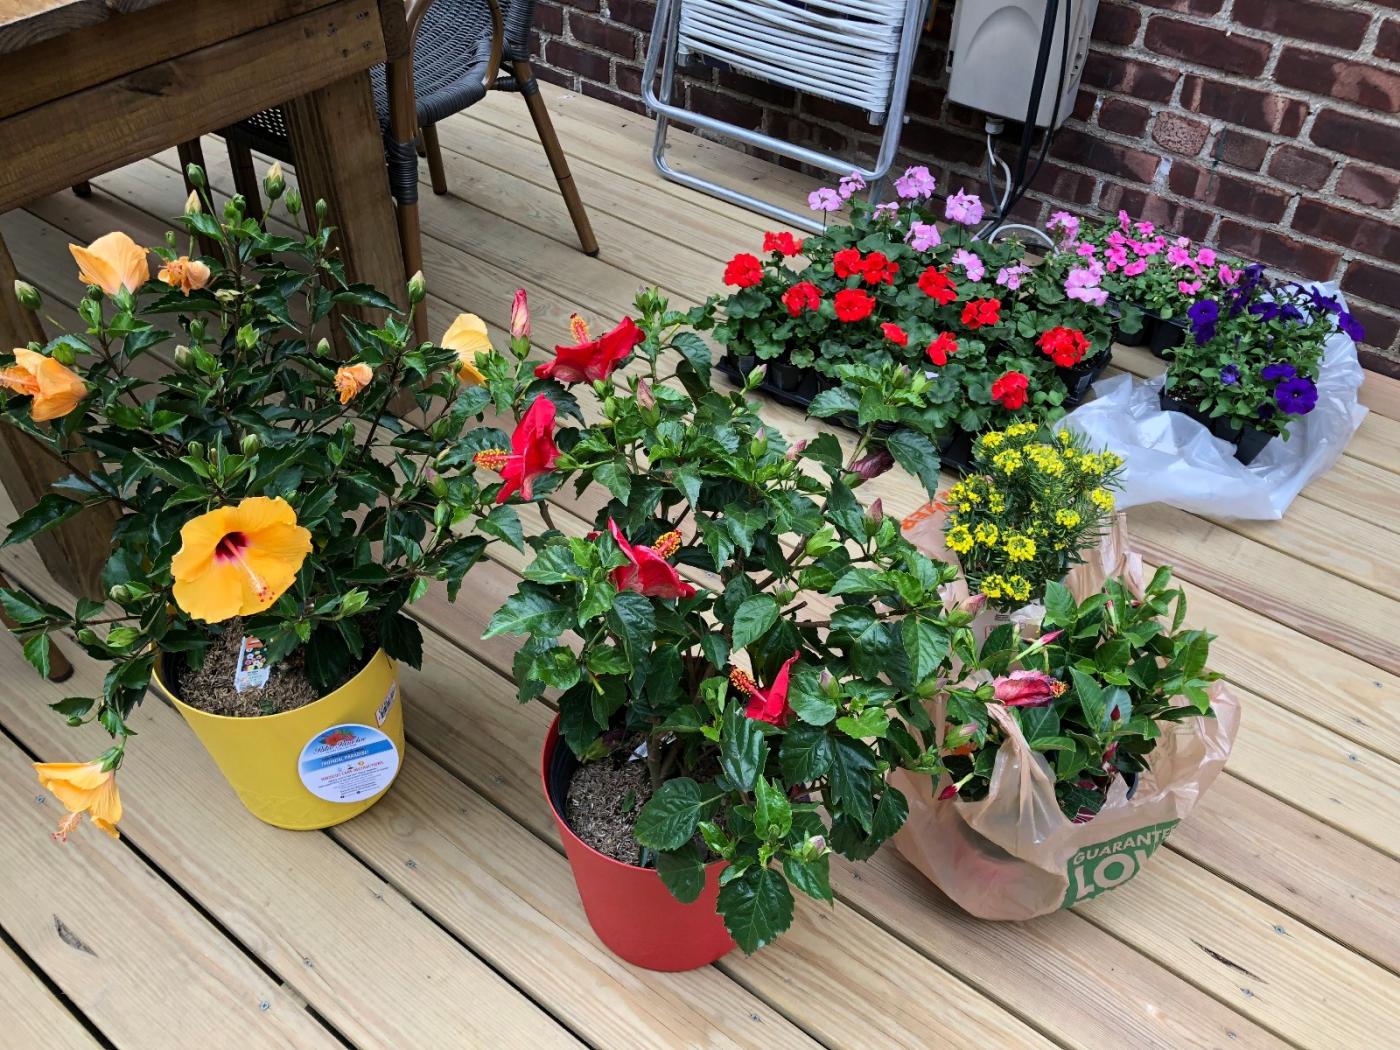 【田螺随拍】分享去THE HOME DEPOT红地铺买花的经验_图1-15